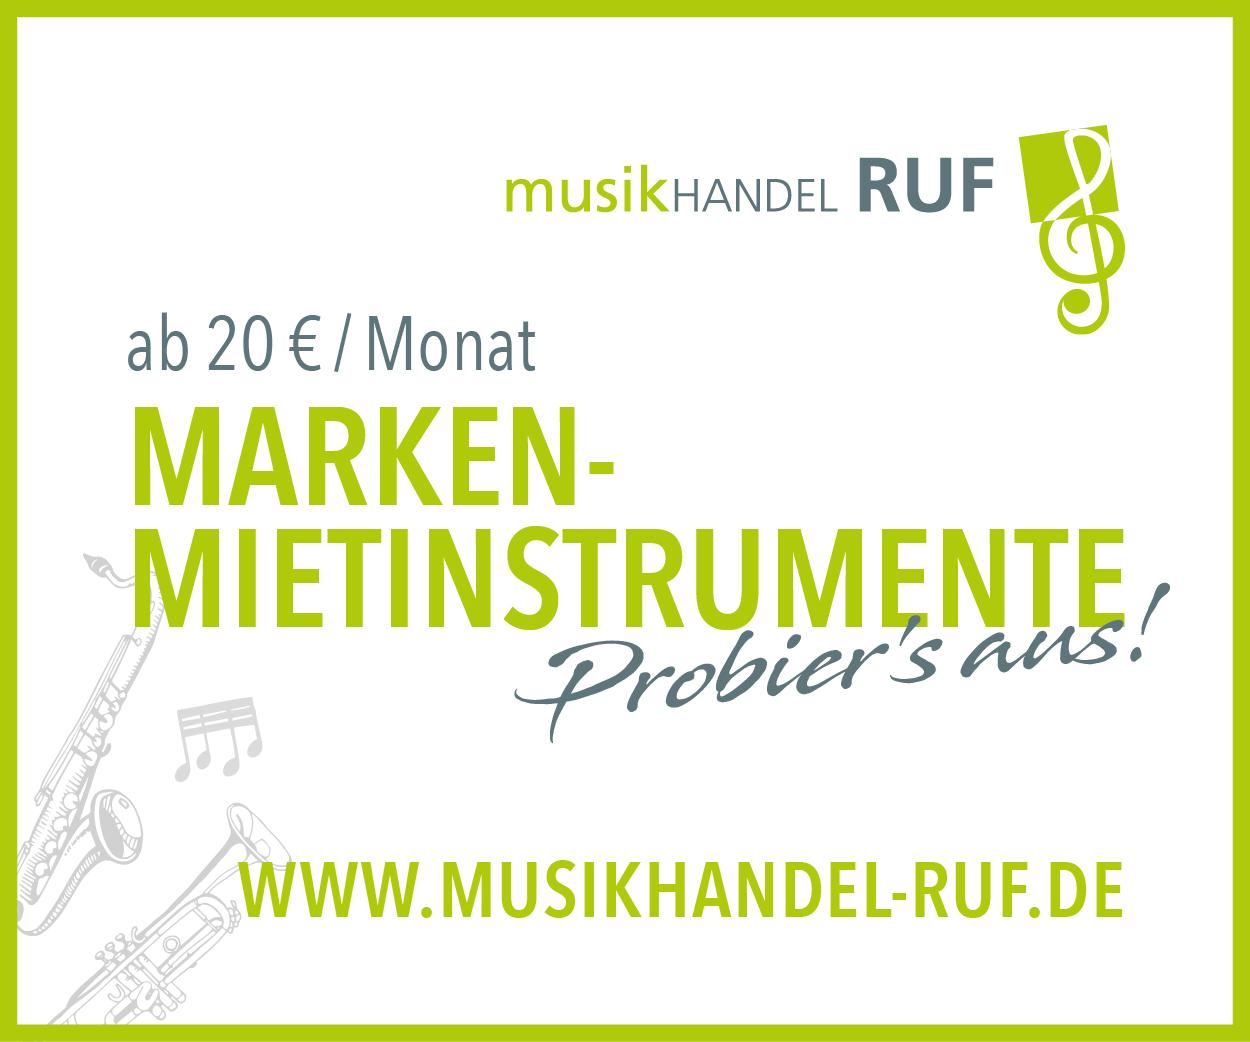 Musikhandel Ruf